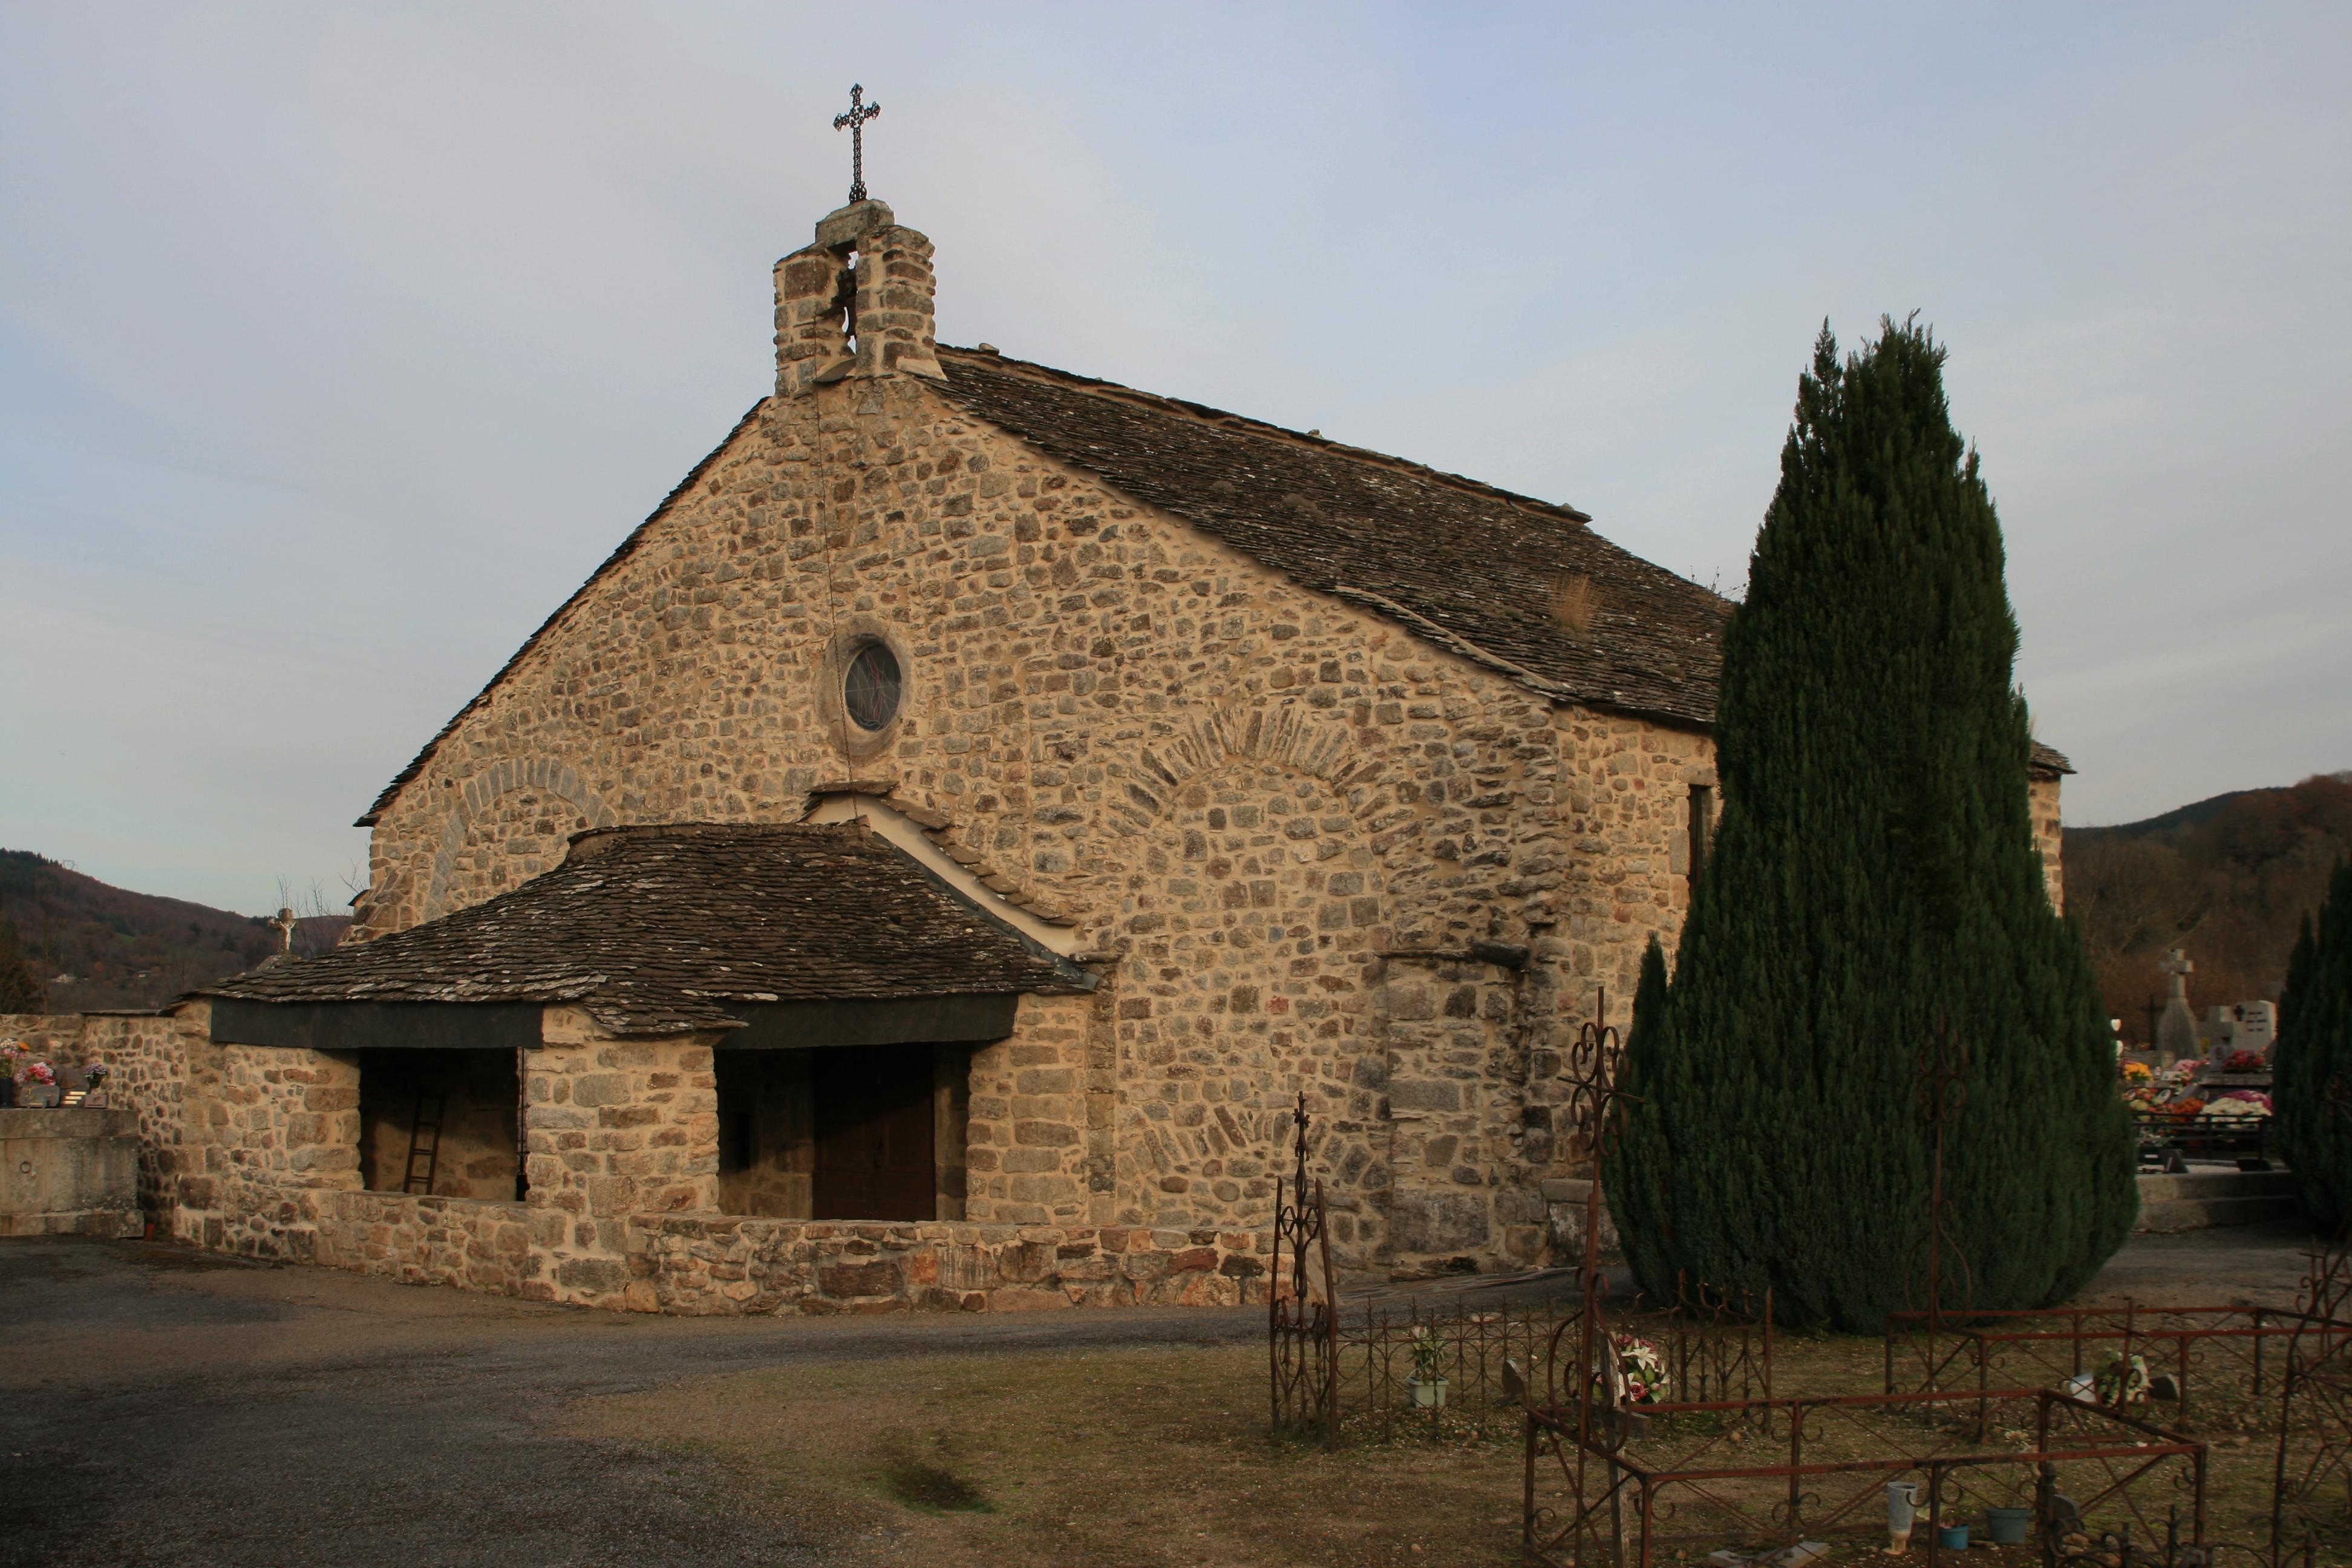 La Salvetat chapelle Saint Etienne de Caval